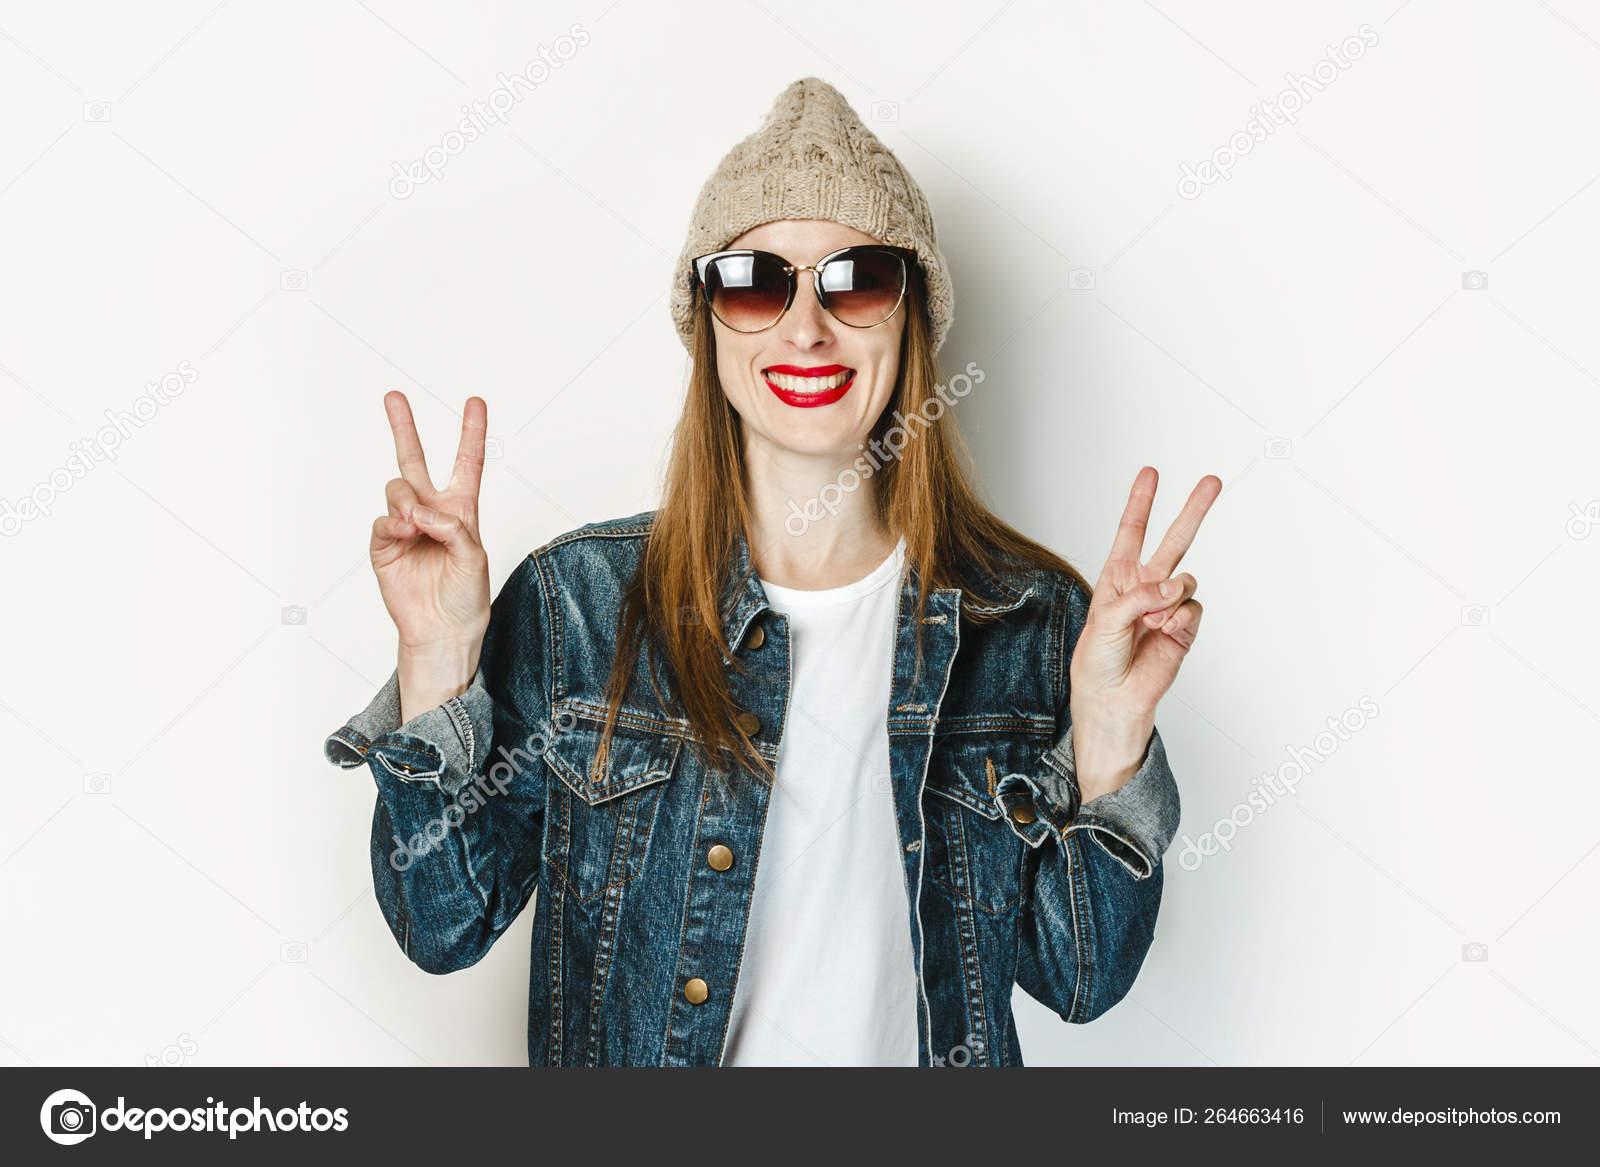 Жесты пальцами на фото у молодежи